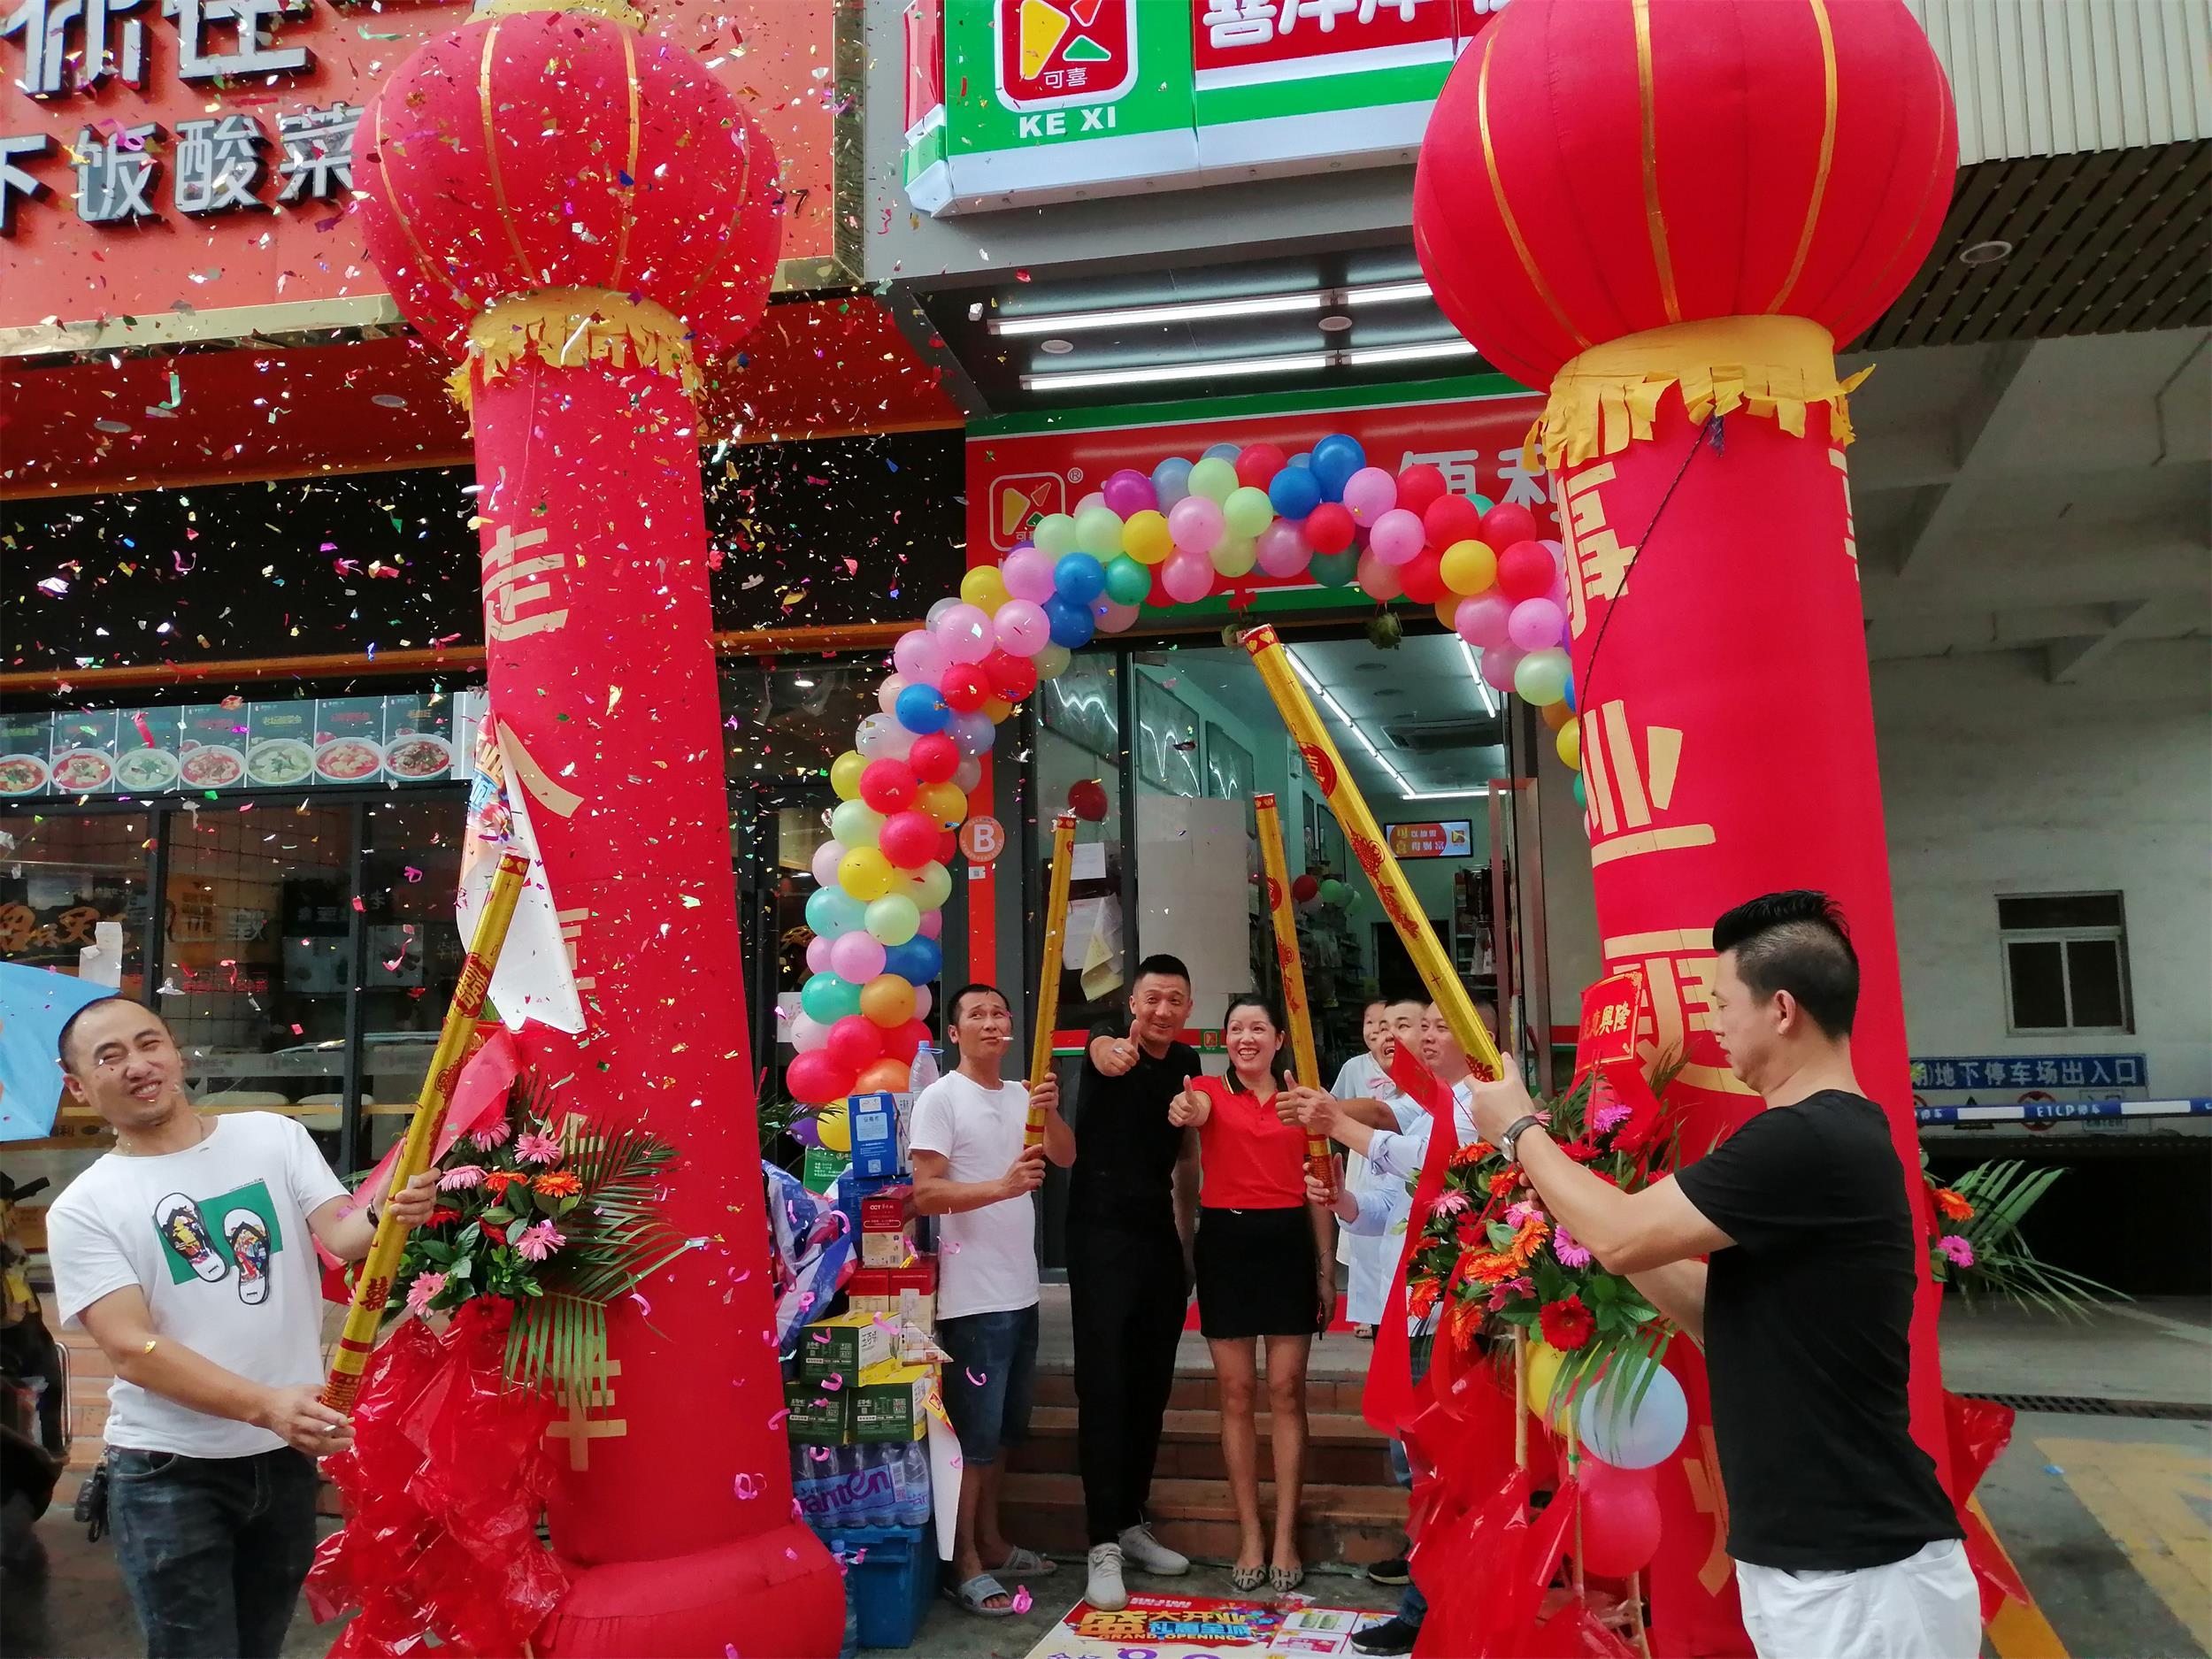 喜洋洋全体员工热烈庆祝沙井百佳华分店9月14日隆重开业!